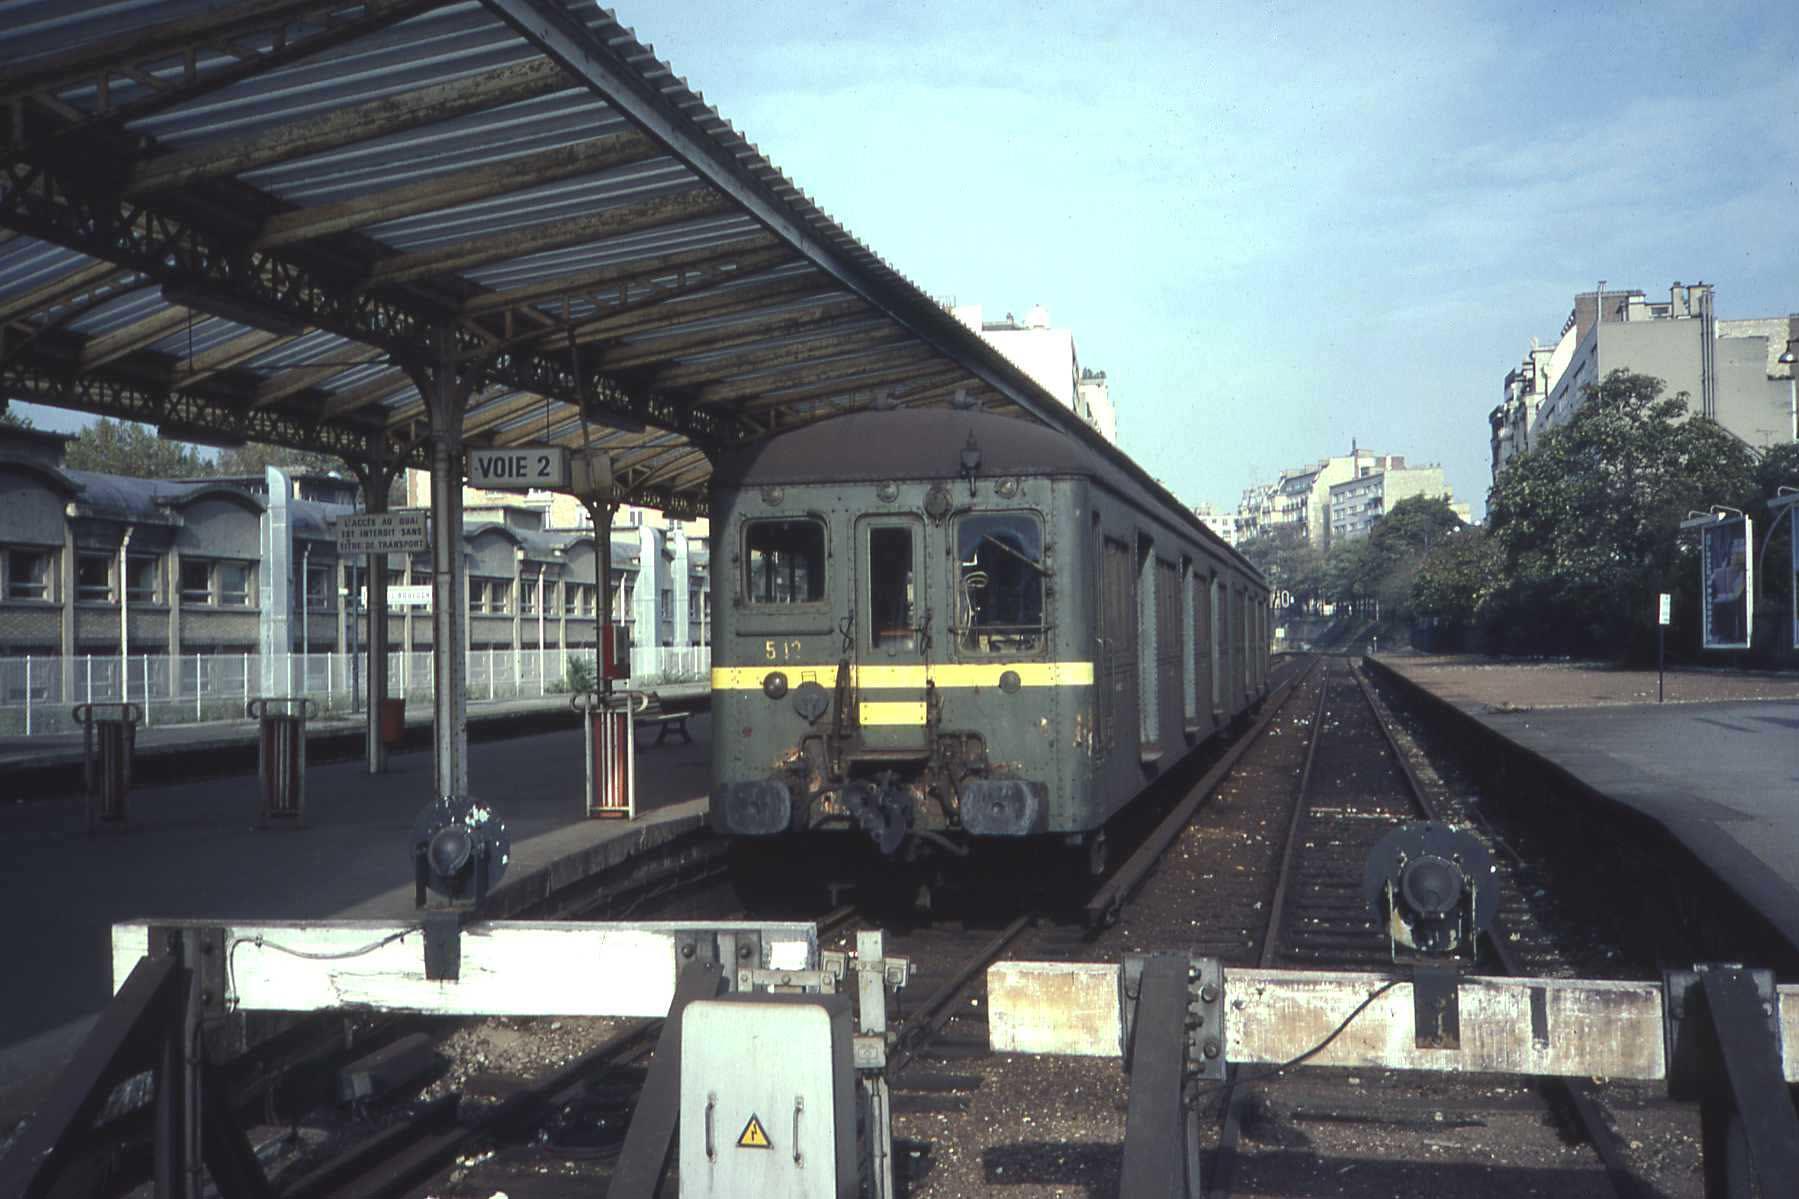 Rame standard en gare d'Auteuil - Boulogne en 1982, avant la fermeture ...